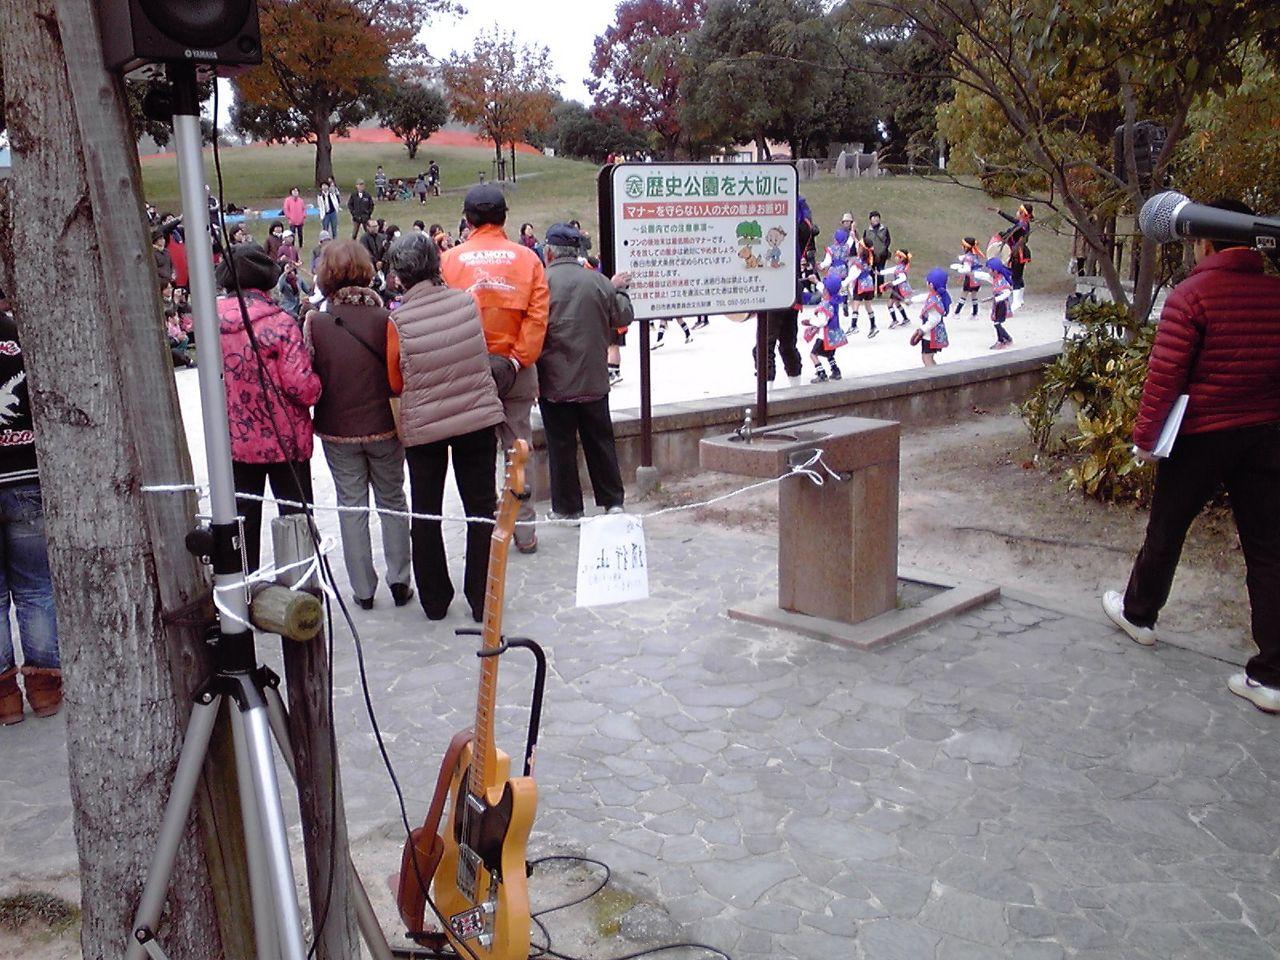 白石つよしギター教室発表会 わいわいライブ! @ 春日市